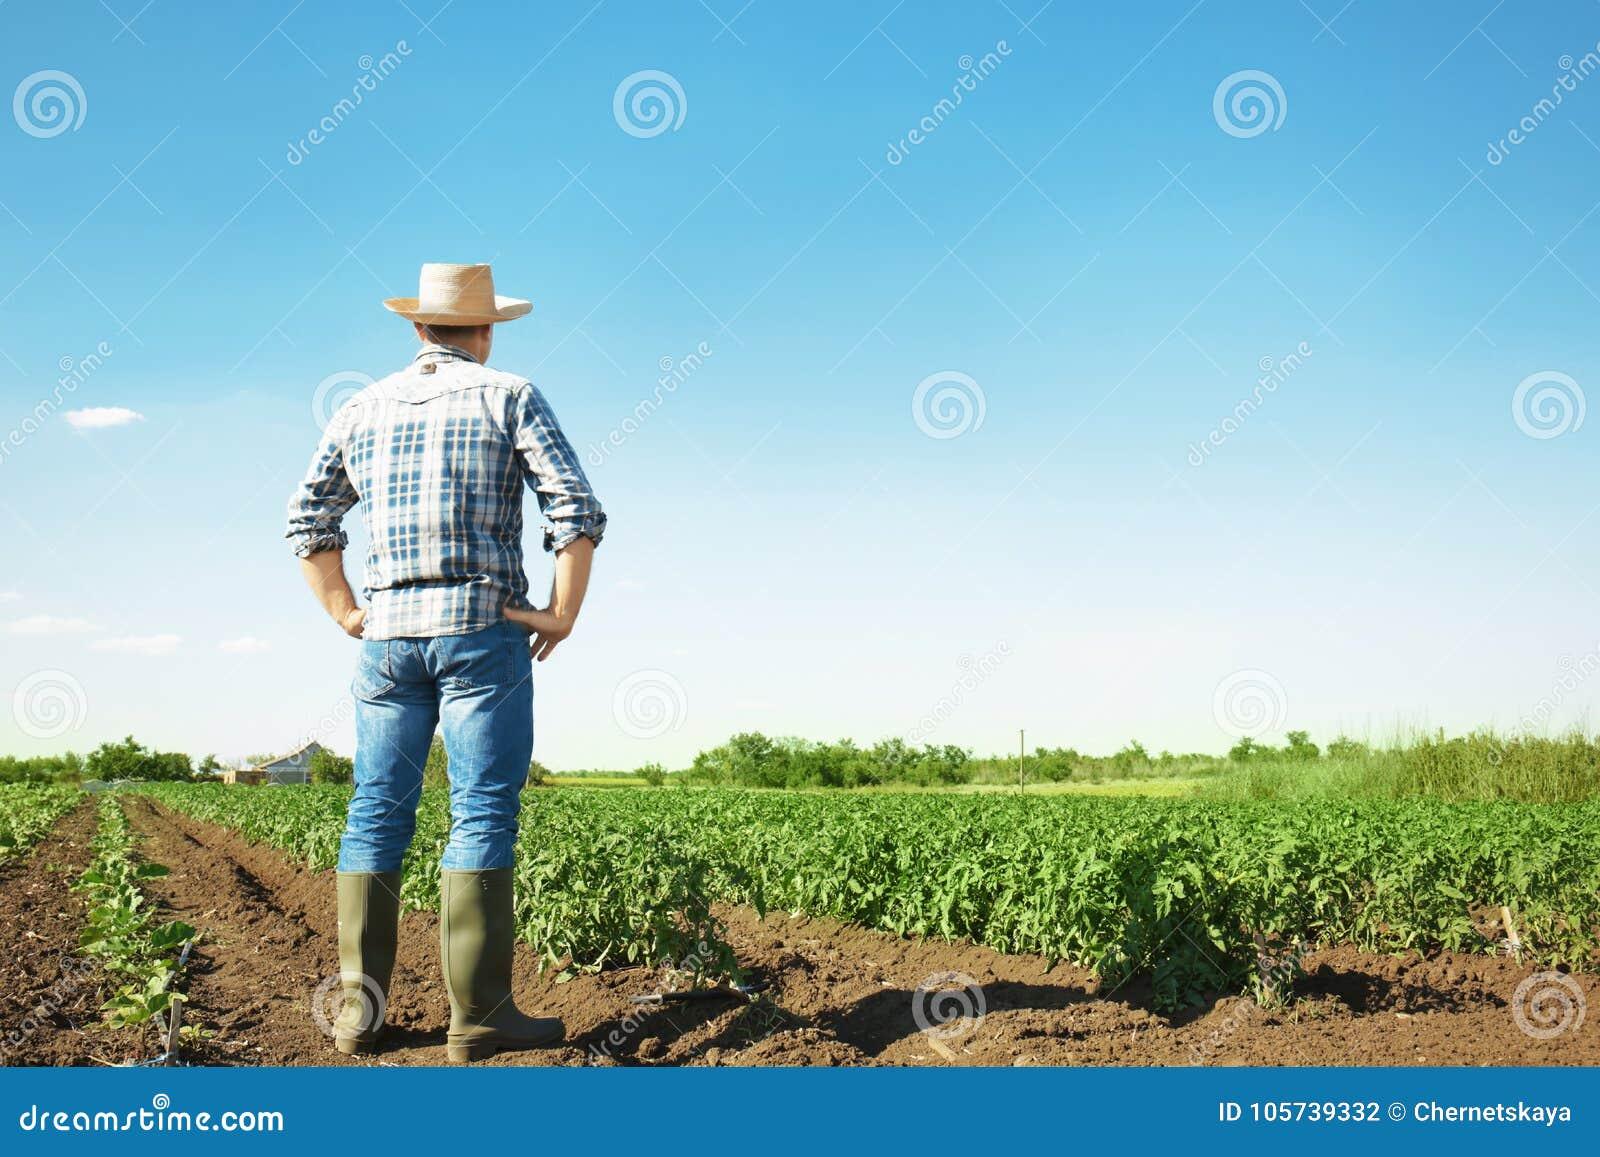 Landwirt, der auf dem Gebiet mit Grünpflanzen steht